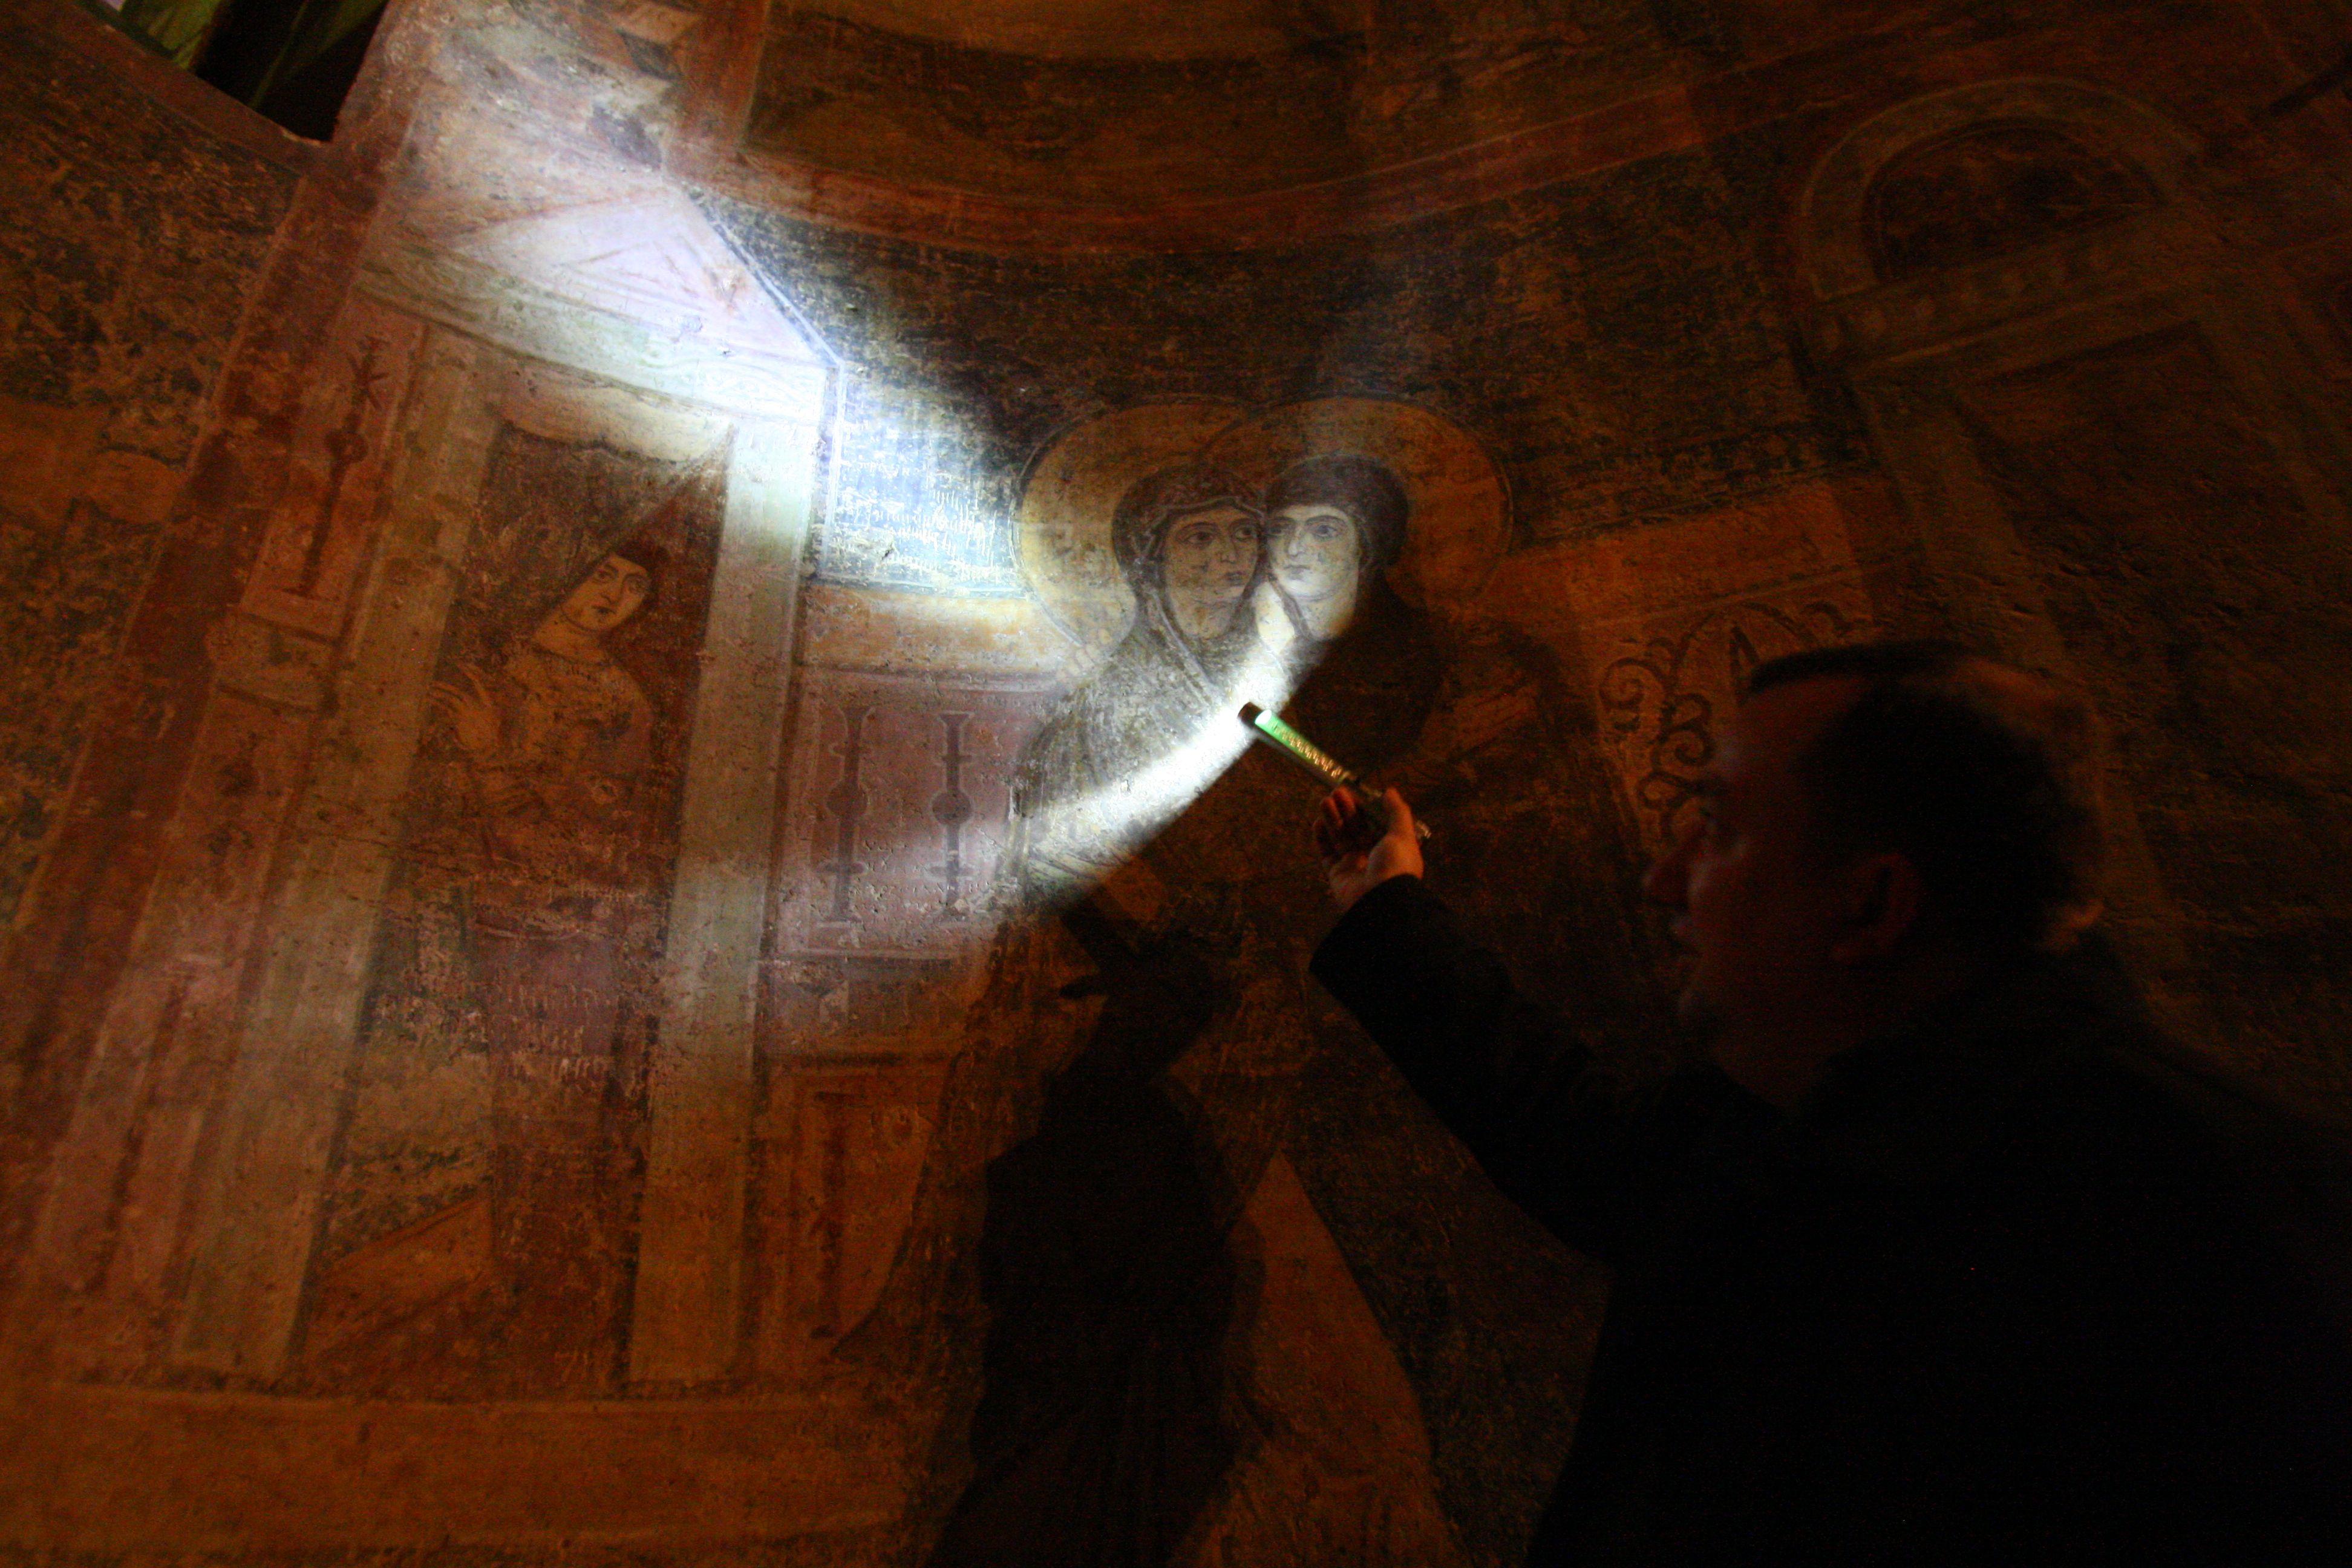 Святыня. В главном храме Киевской Руси уже найдено более семи тысяч посланий древних горожан. Фото: А. Бойко